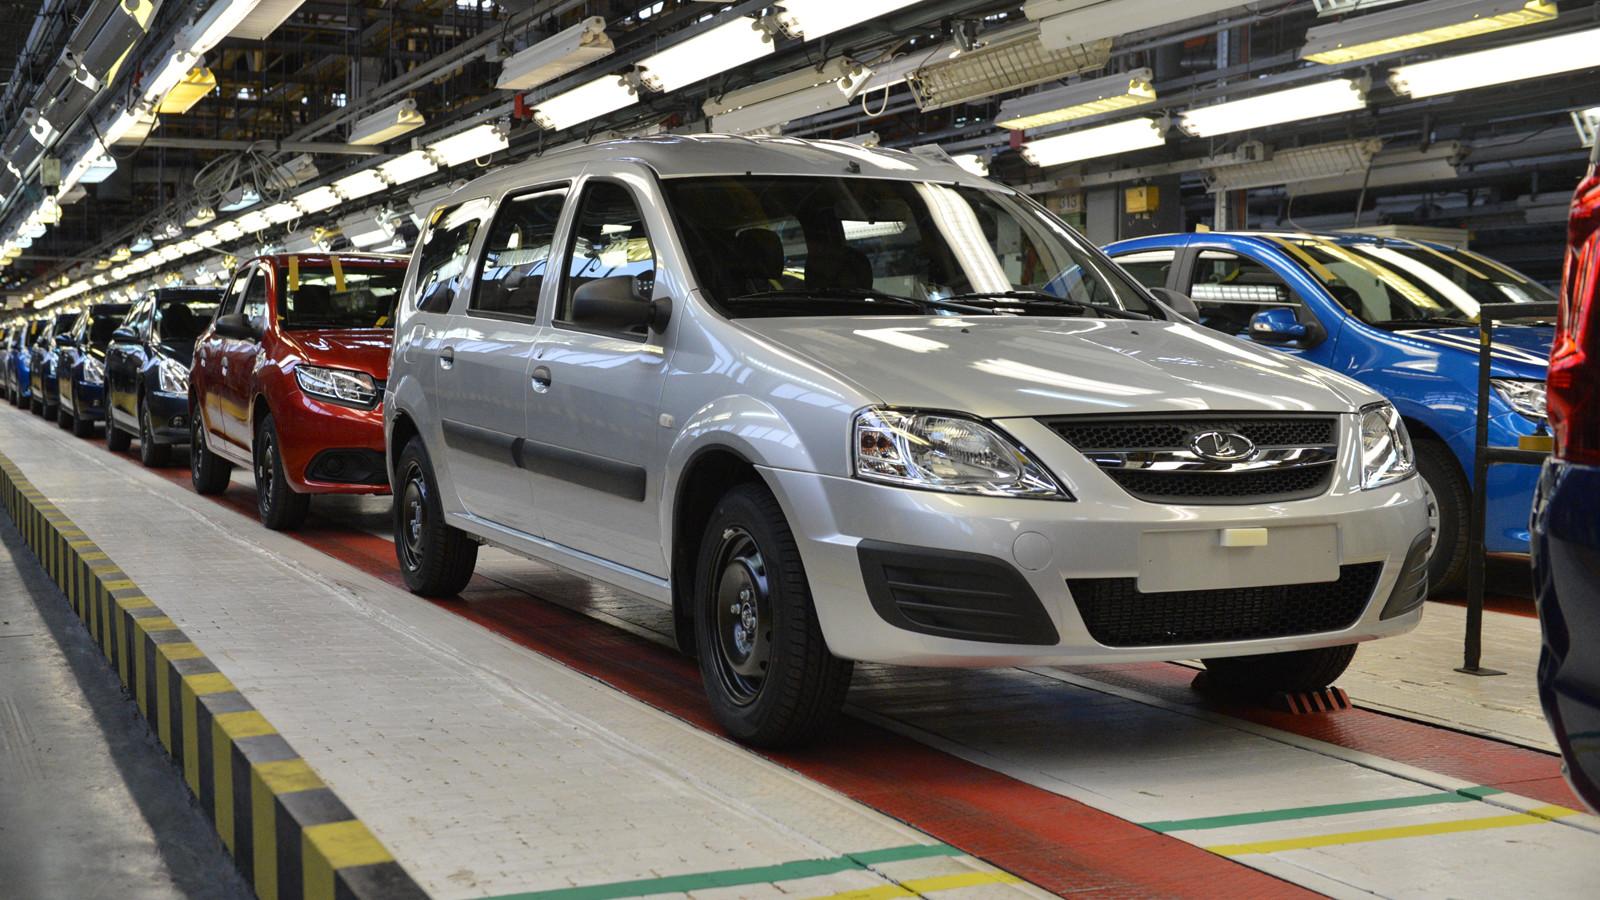 Минпромторг понизит поддержку некоторым секторам автопрома